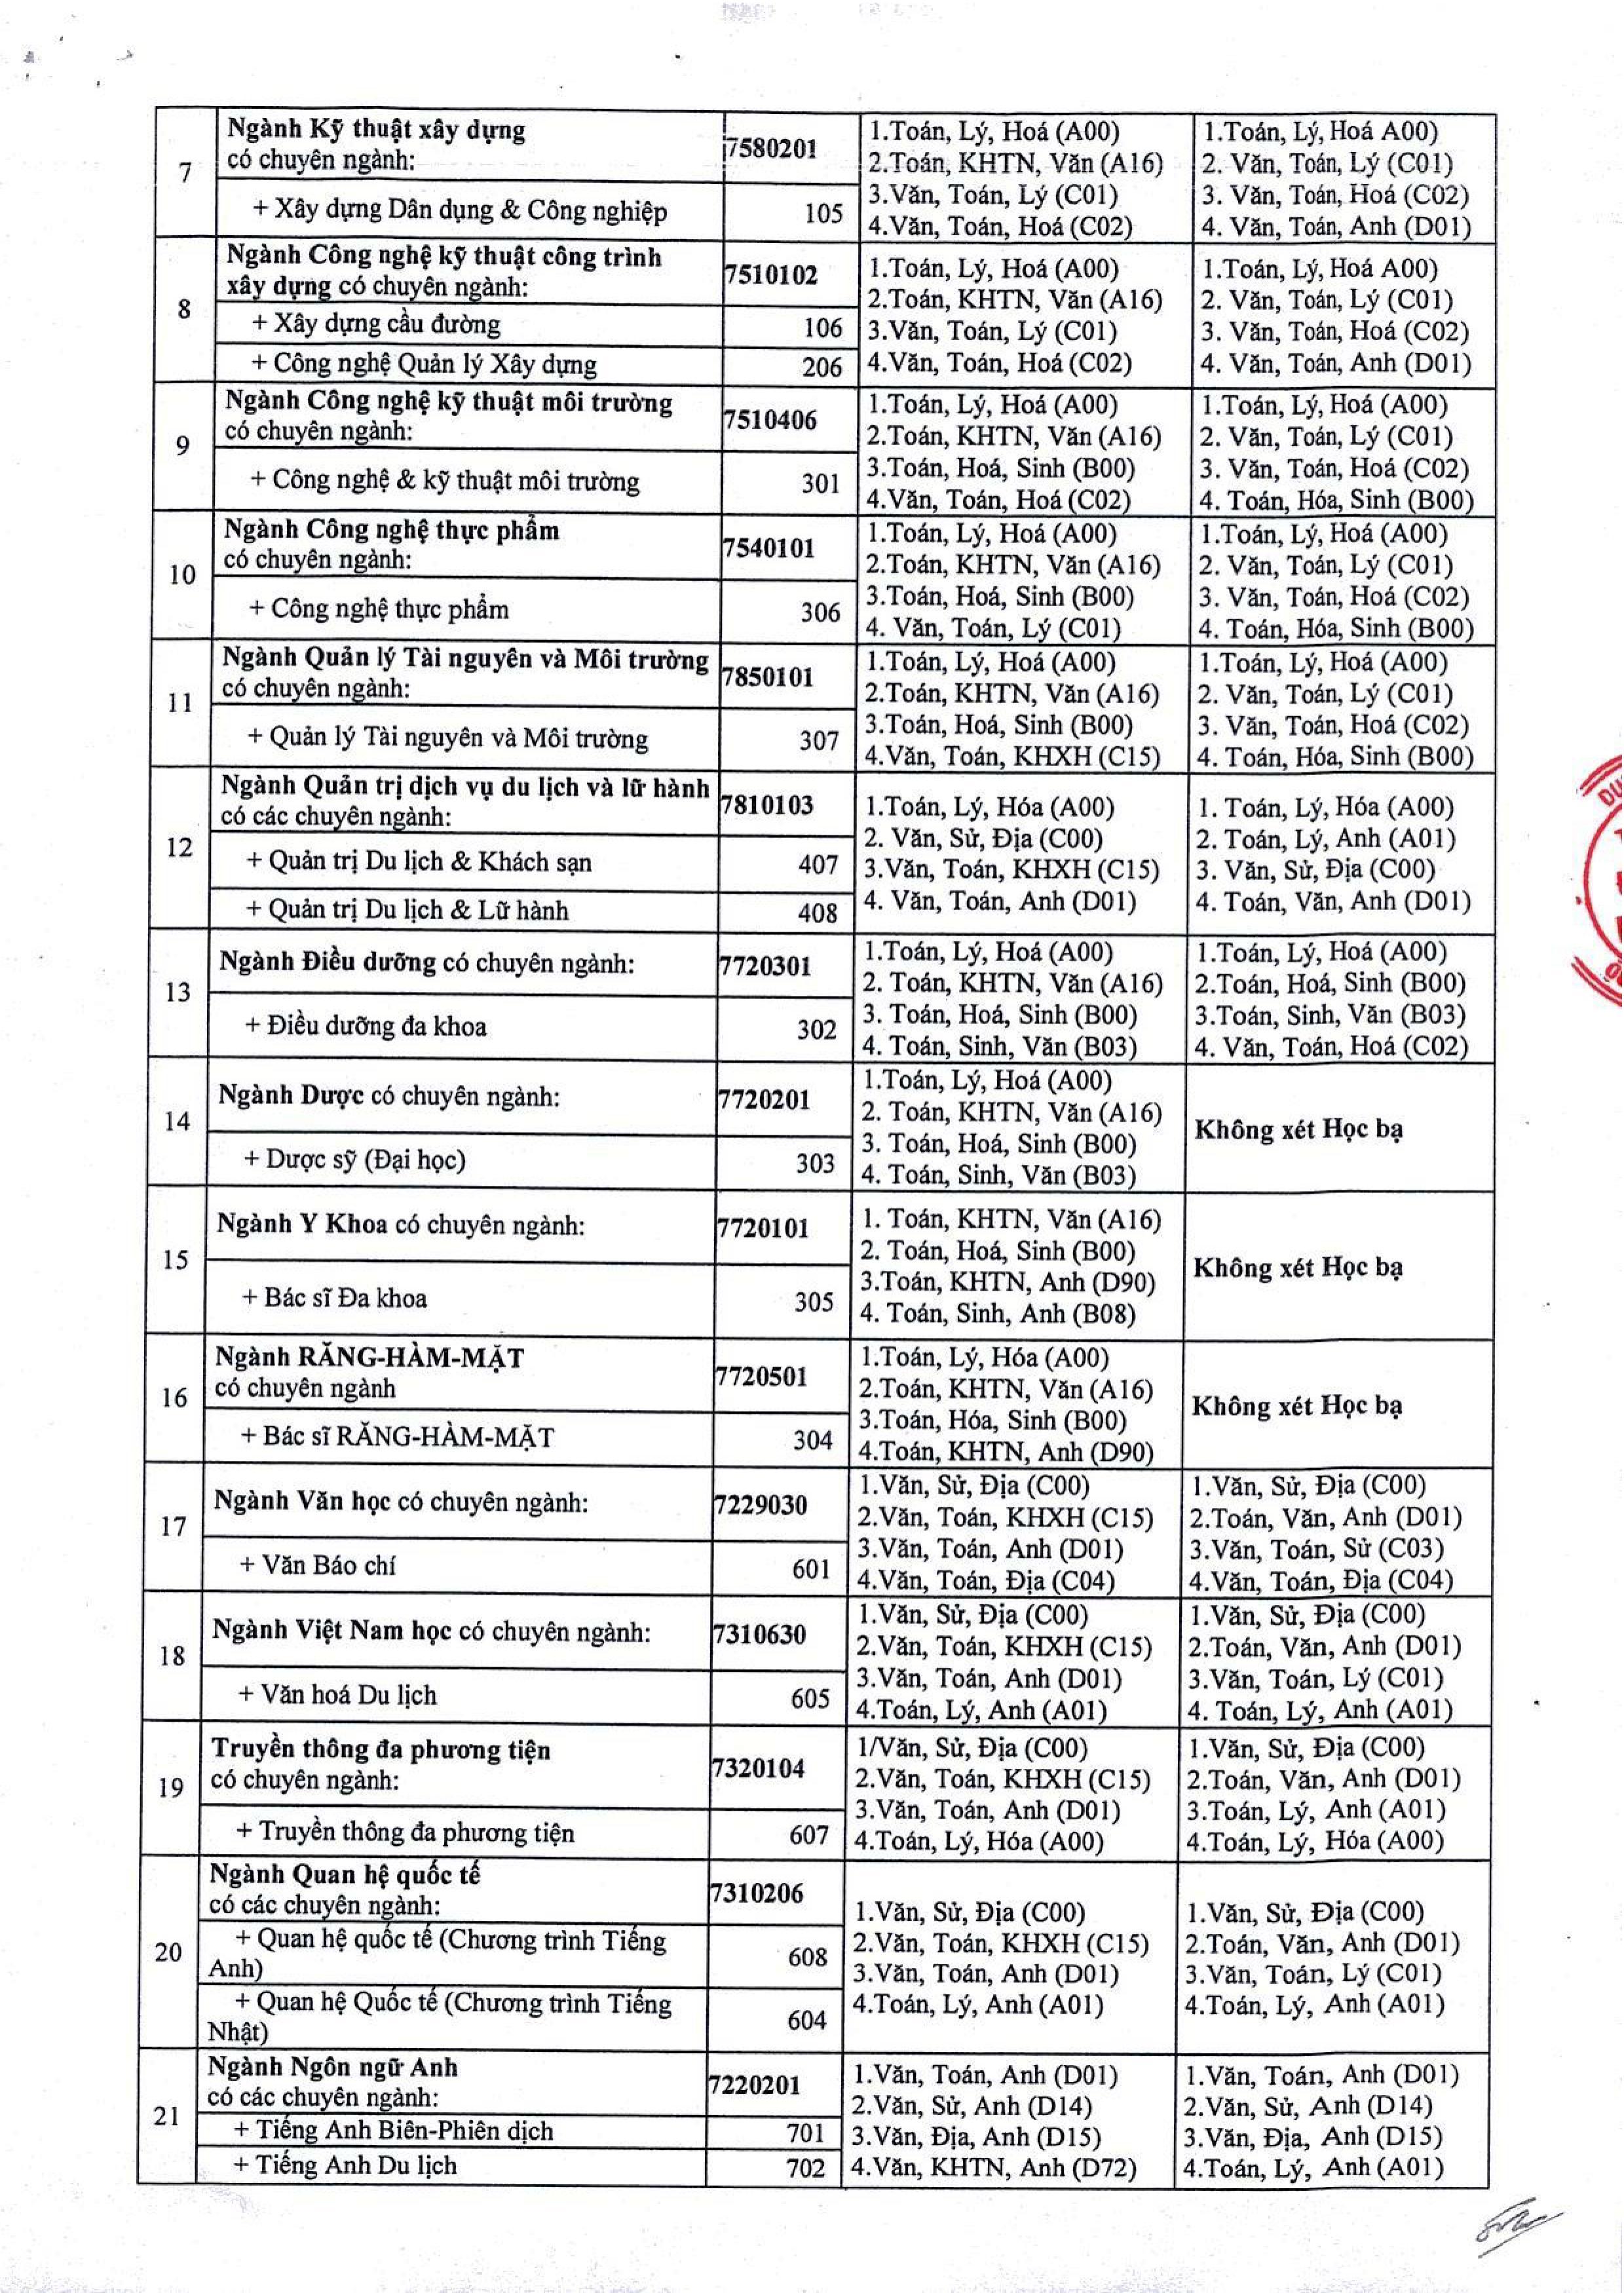 8 nhà khoa học được đề cử Giải thưởng Tạ Quang Bửu năm 2019 83cfe3dd-17f6-46a6-aeb9-961083d13349